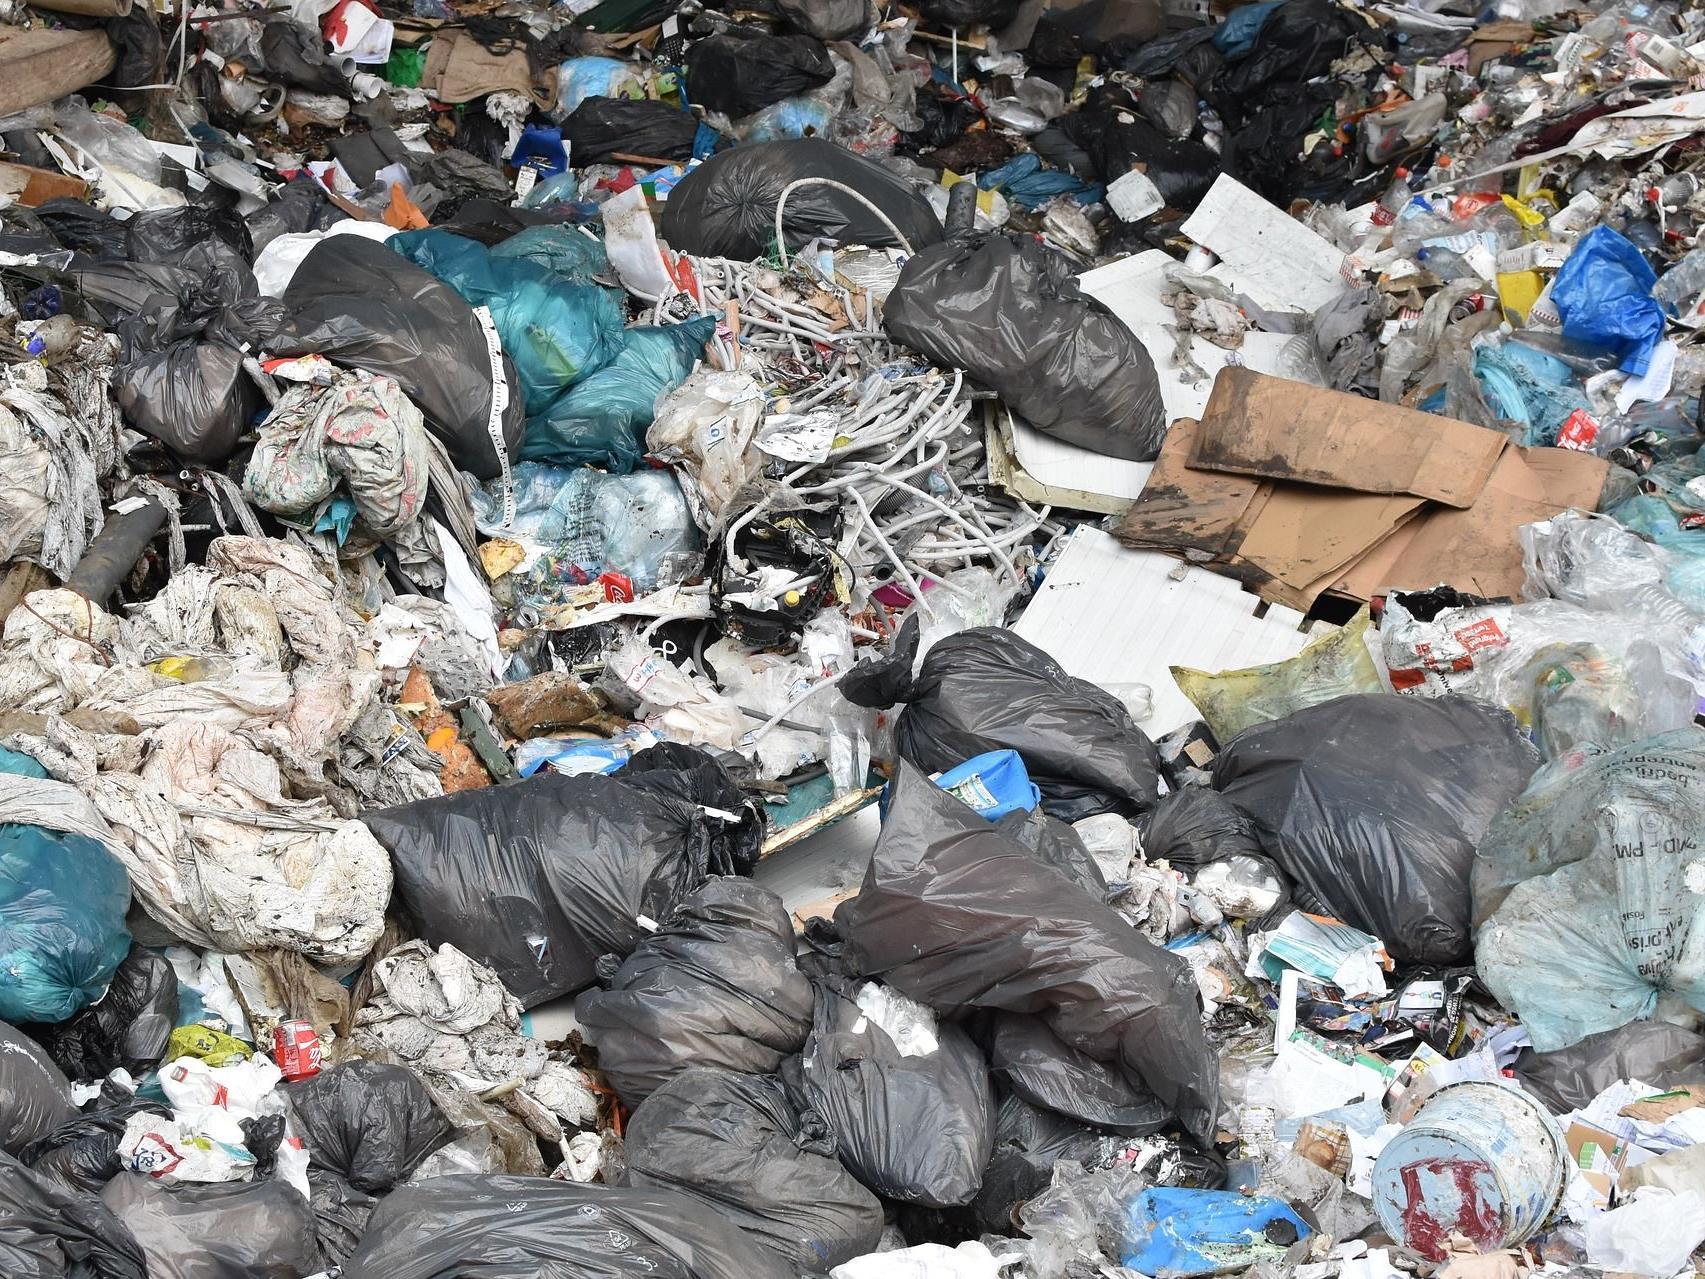 In einem Müllentsorgungsbetrieb in Graz fand man die Leiche aus Wien